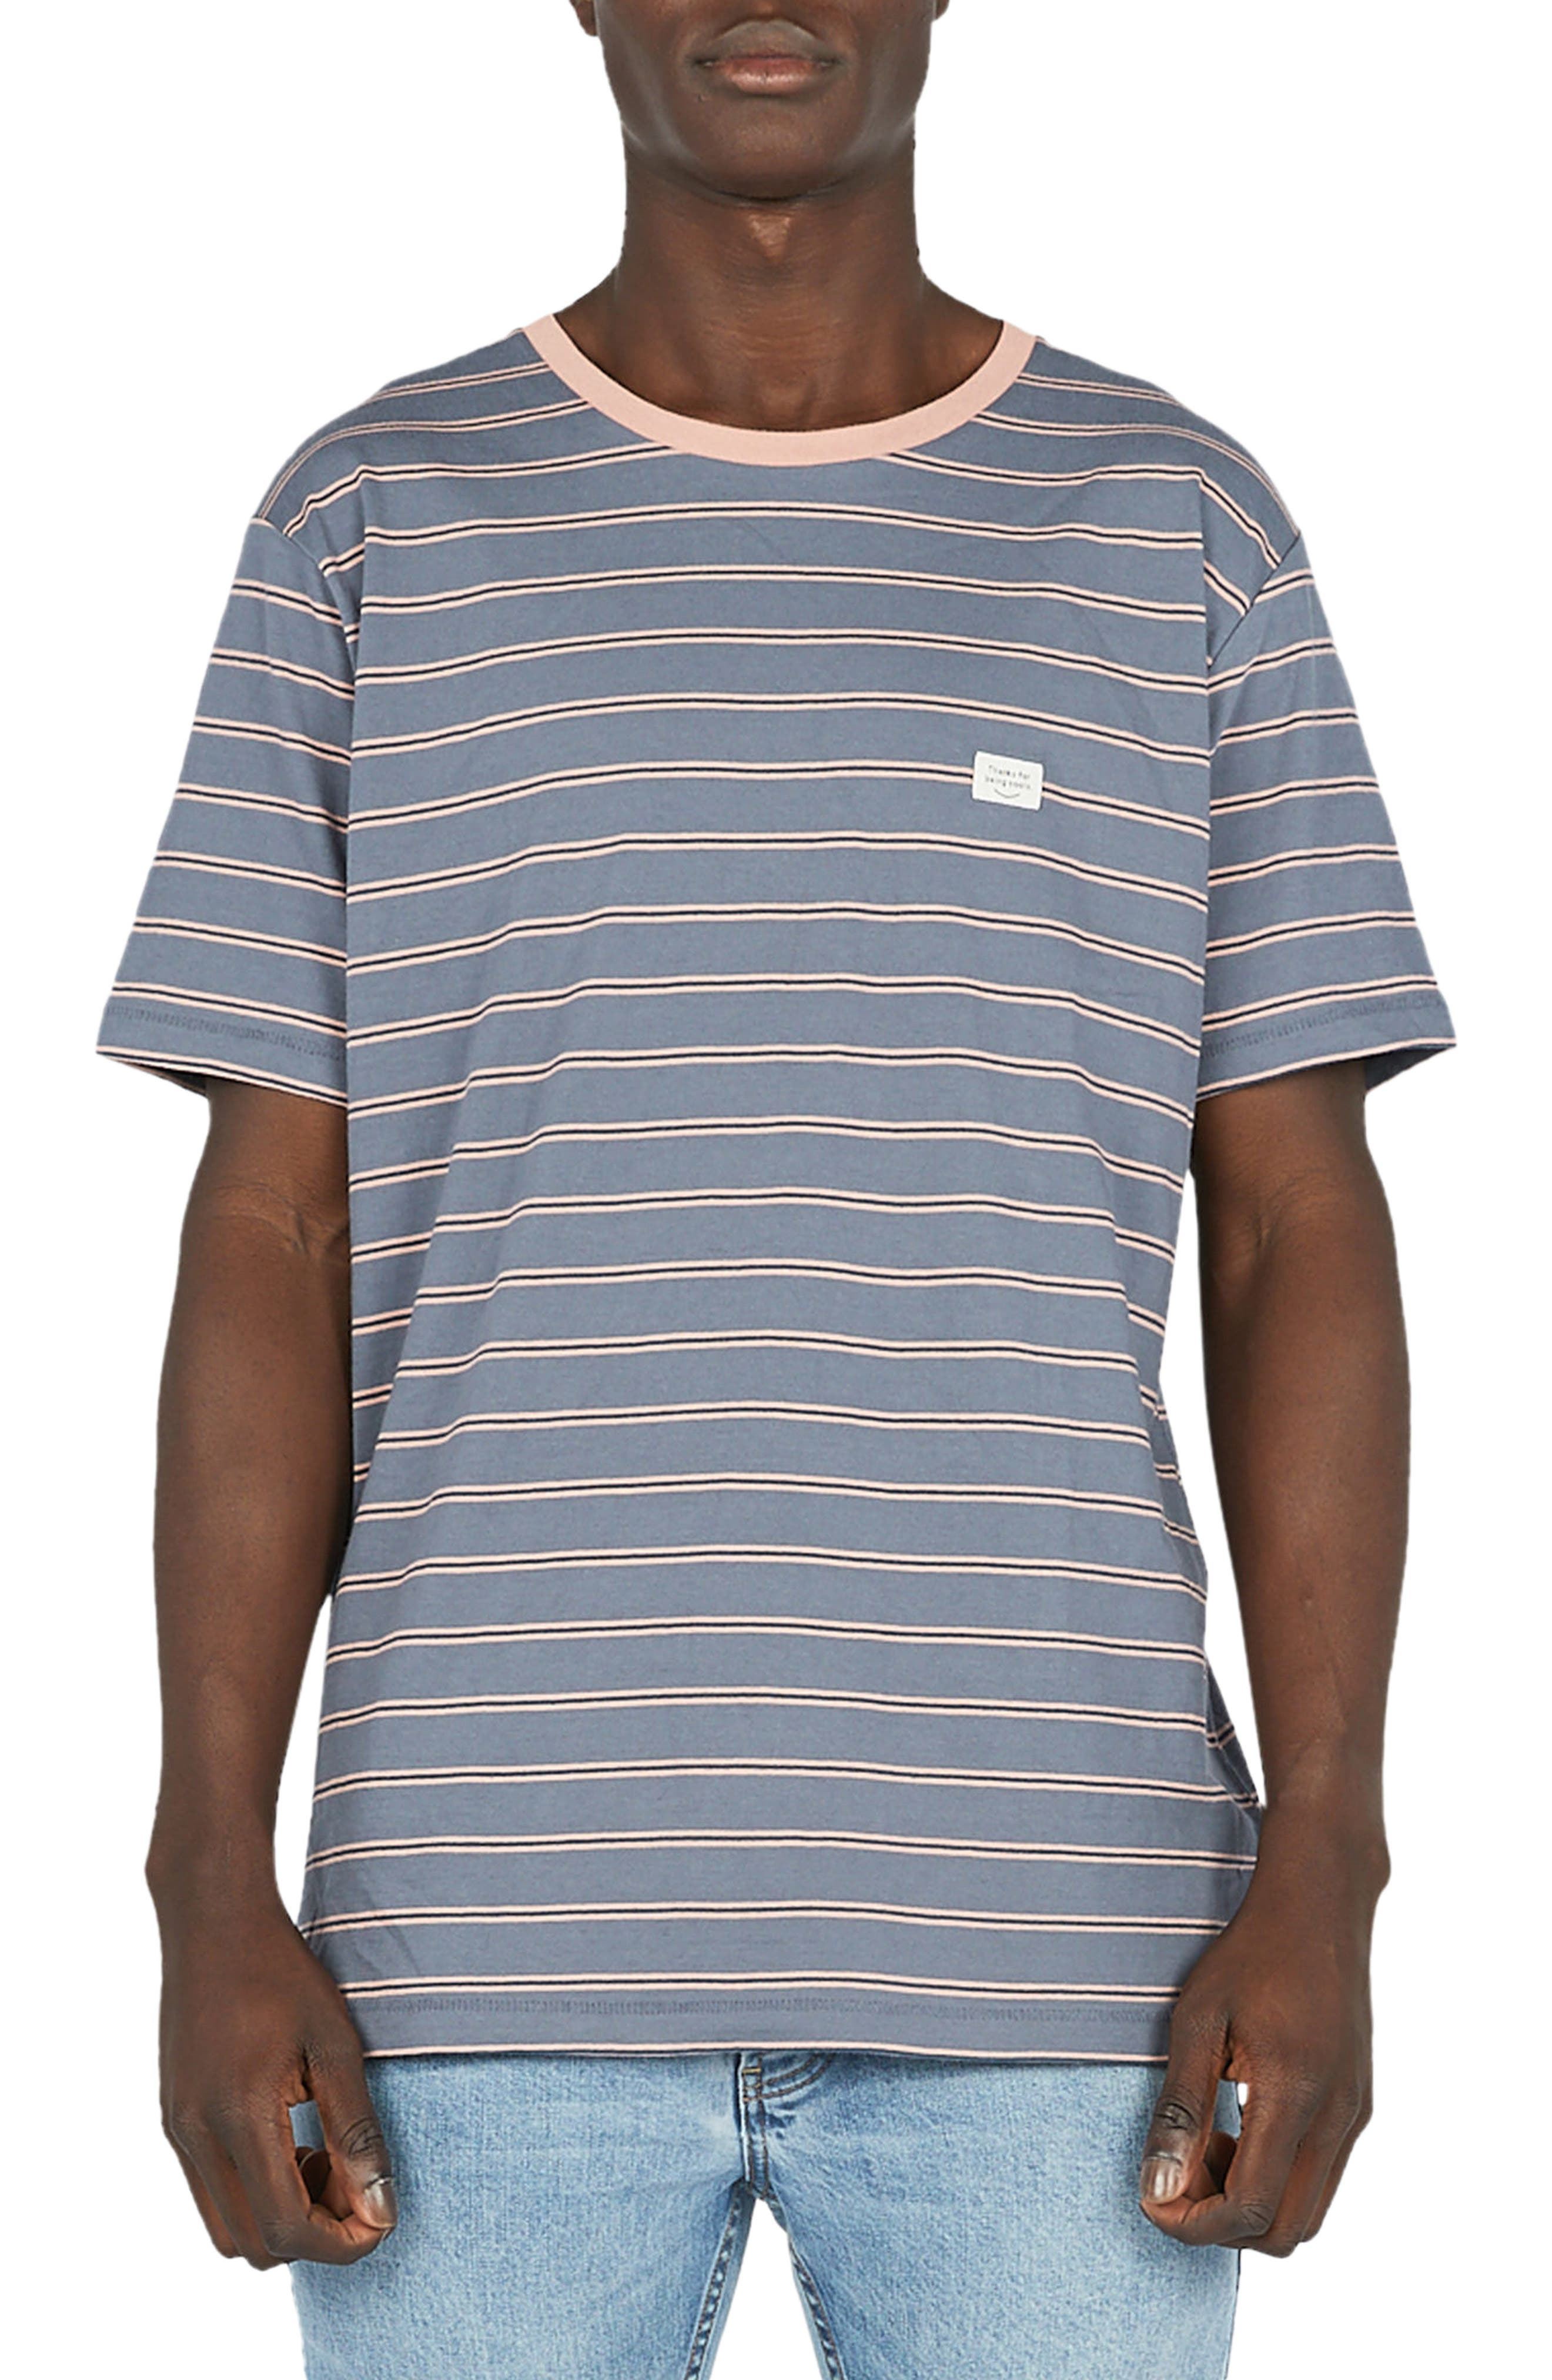 Barney Cools B.Original T-Shirt